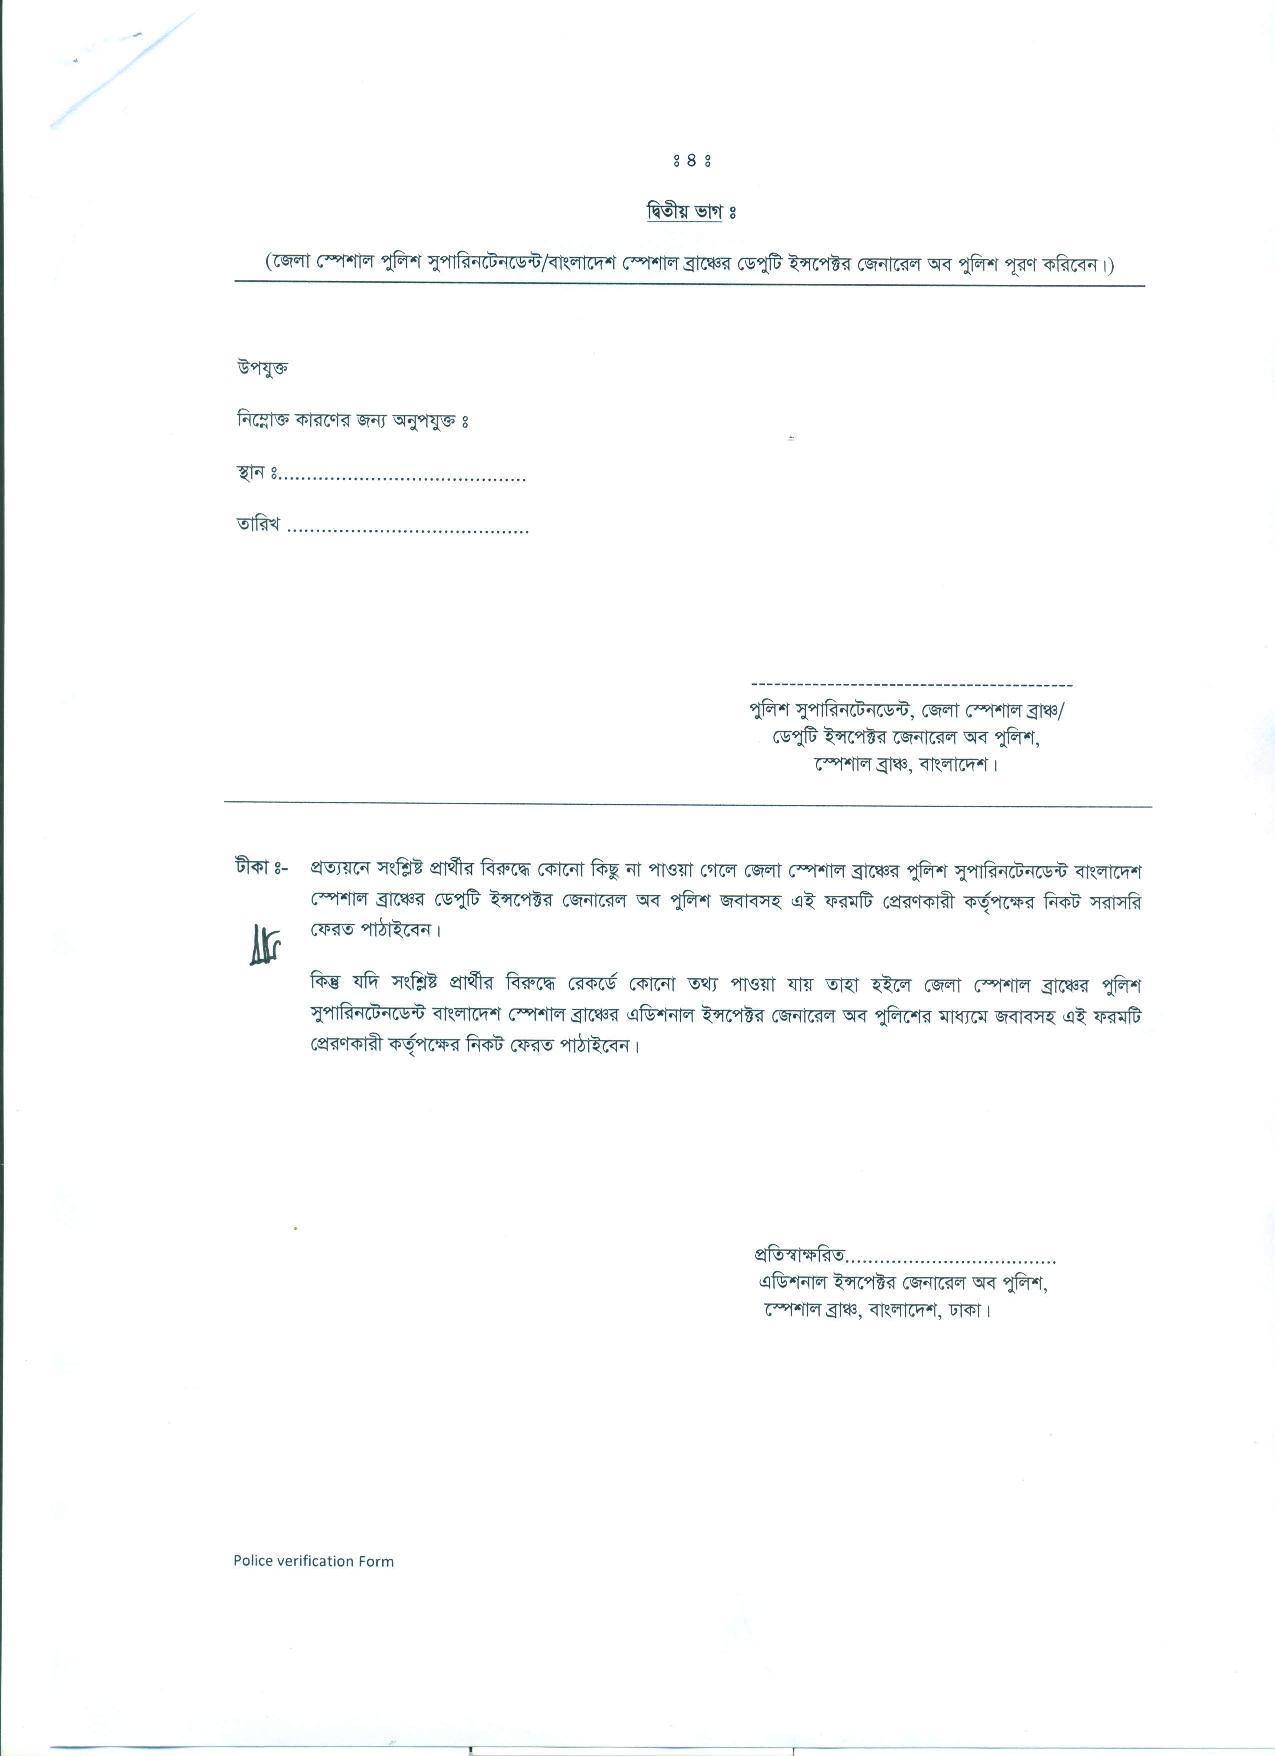 NTRCA Police Verification Form PDF